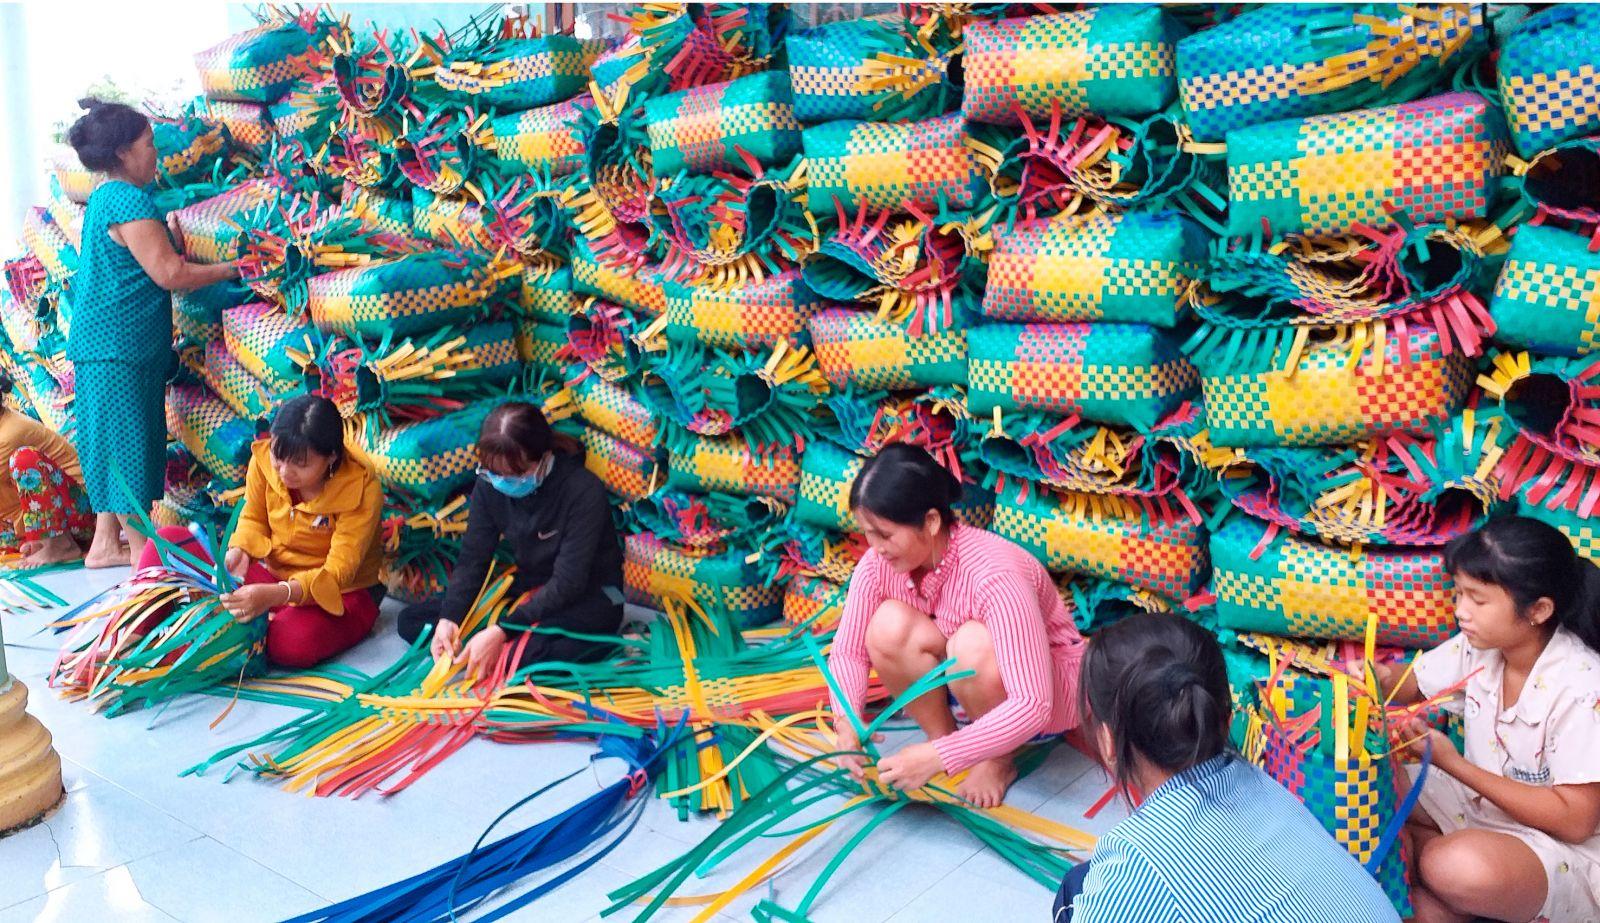 Tổ đan giỏ nhựa góp phần nâng cao thu nhập cho phụ nữ